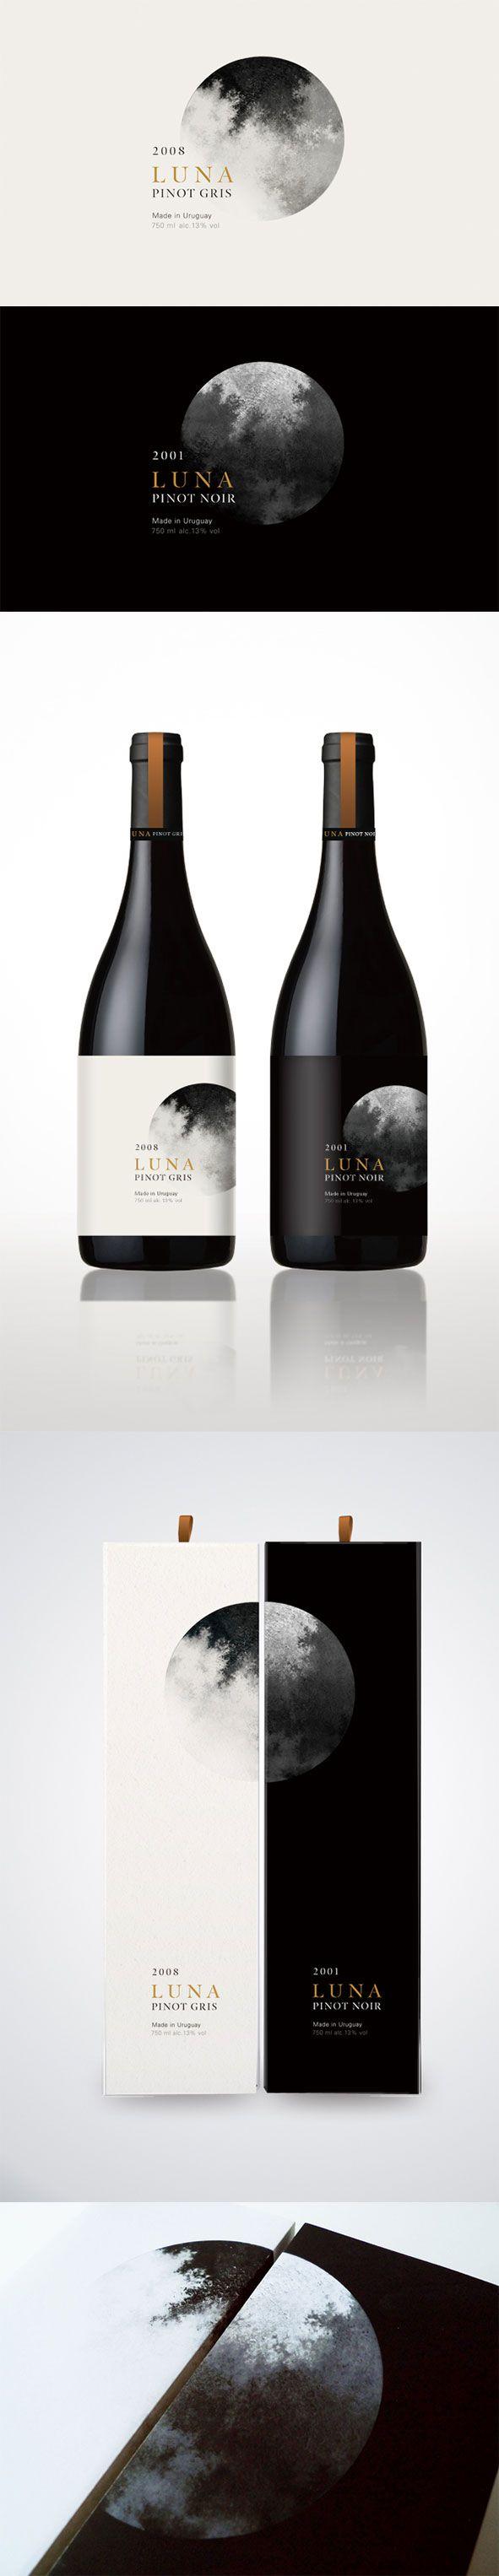 Luna Wine  wine / vinho / vino mxm